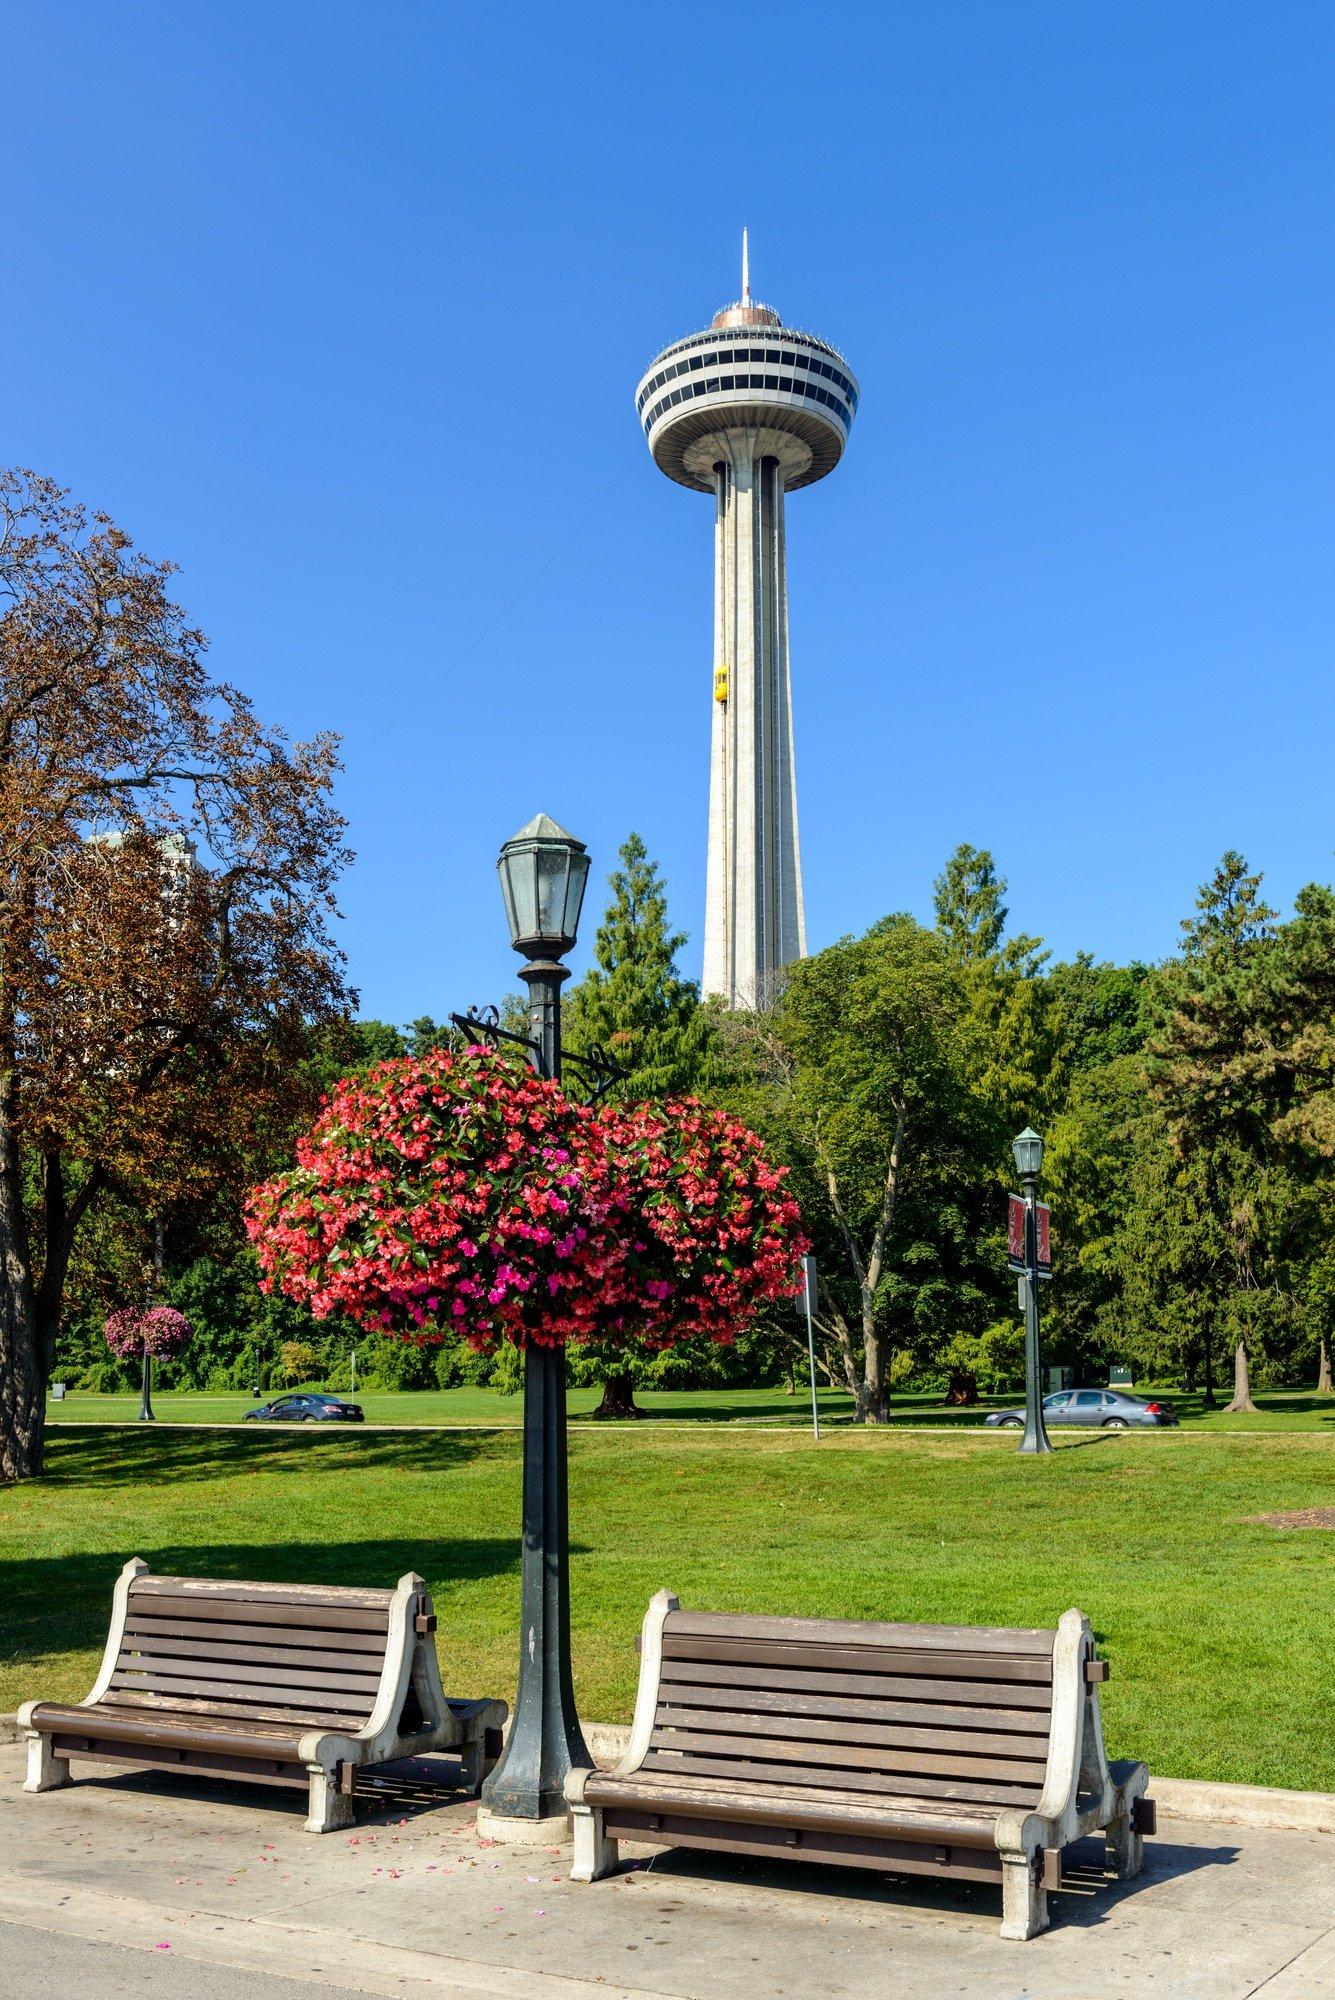 Skylon Tower in Niagara Falls, Ontario